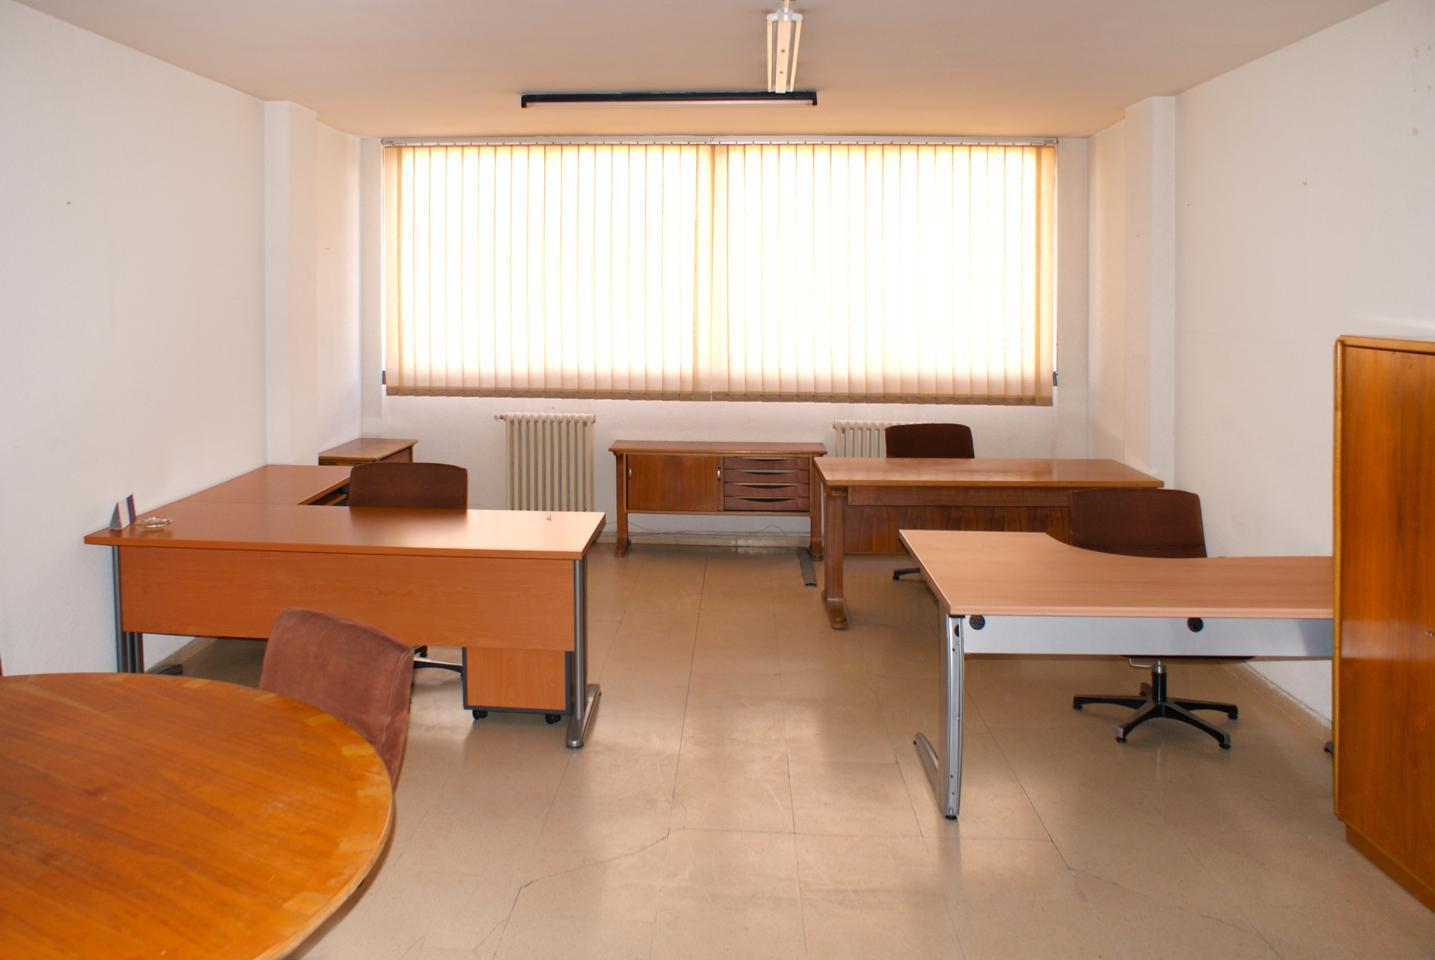 Oficina en alquiler en Logroño de 50 m2. Ref: AO0320